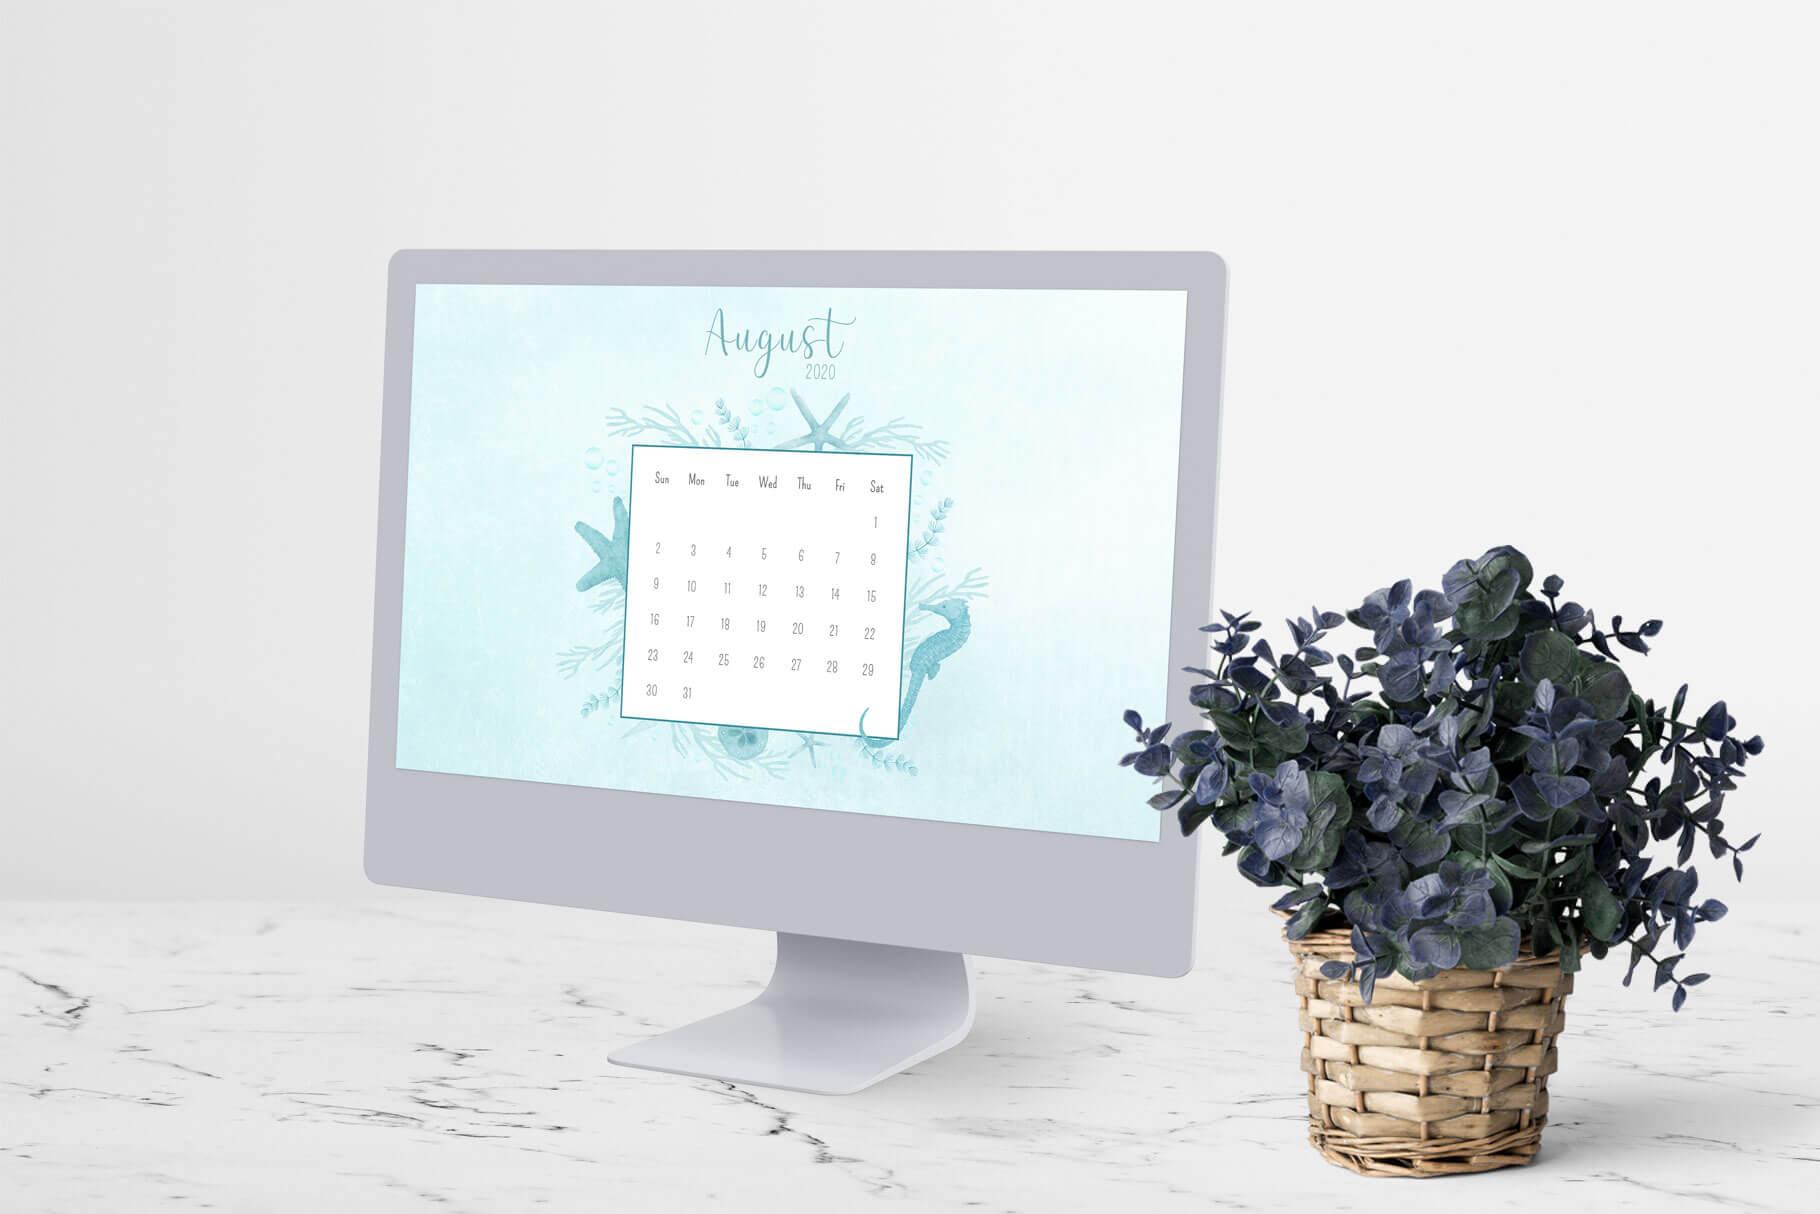 Desktop Calendar August,2020